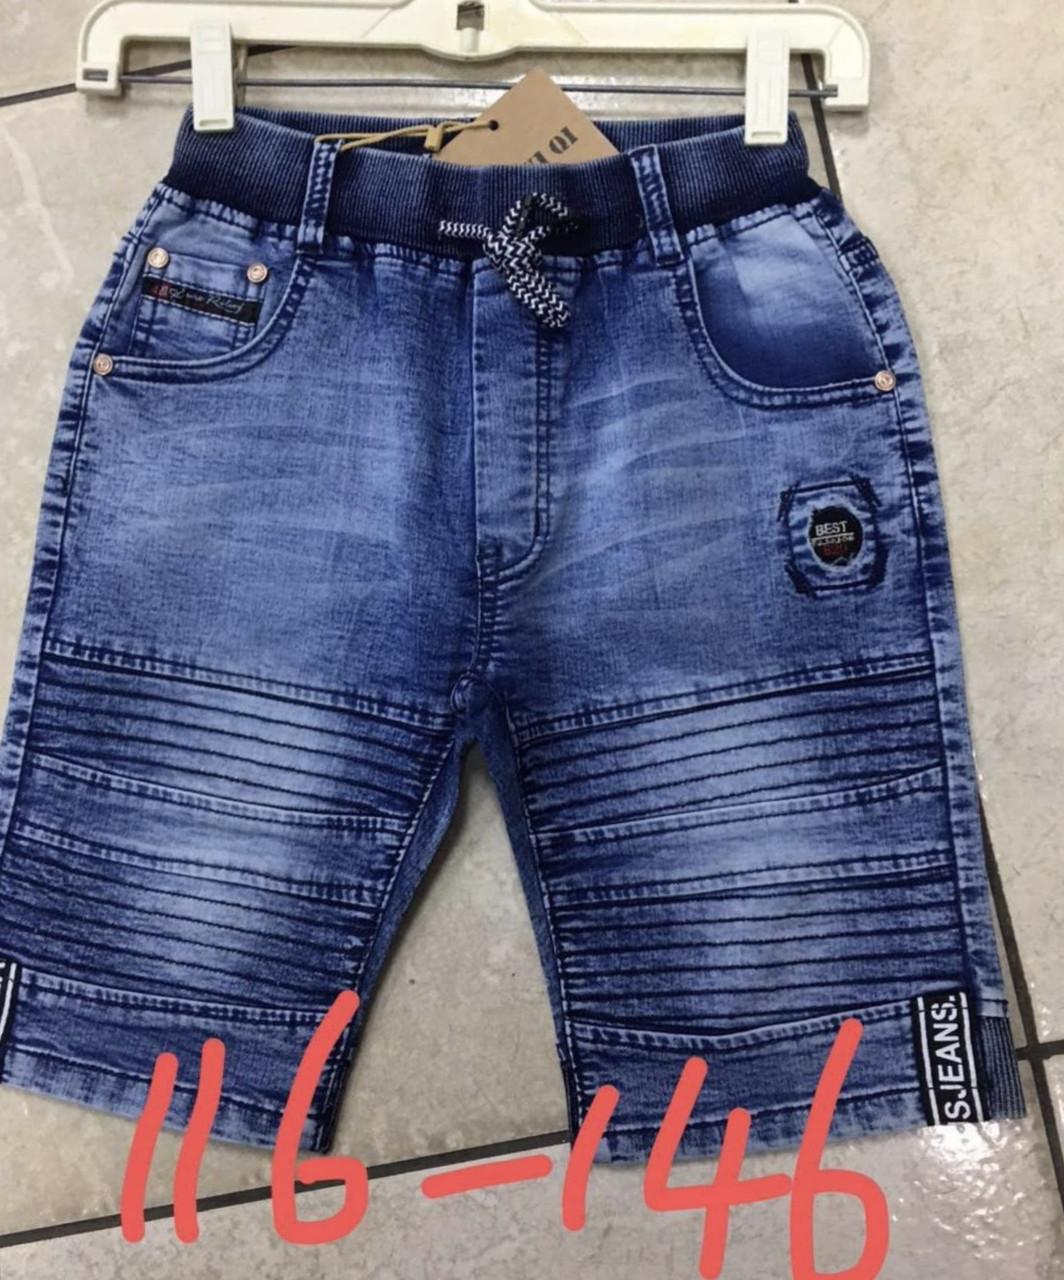 Джинсові шорти для хлопчиків KE YI QI, Артикул: M463 [116]